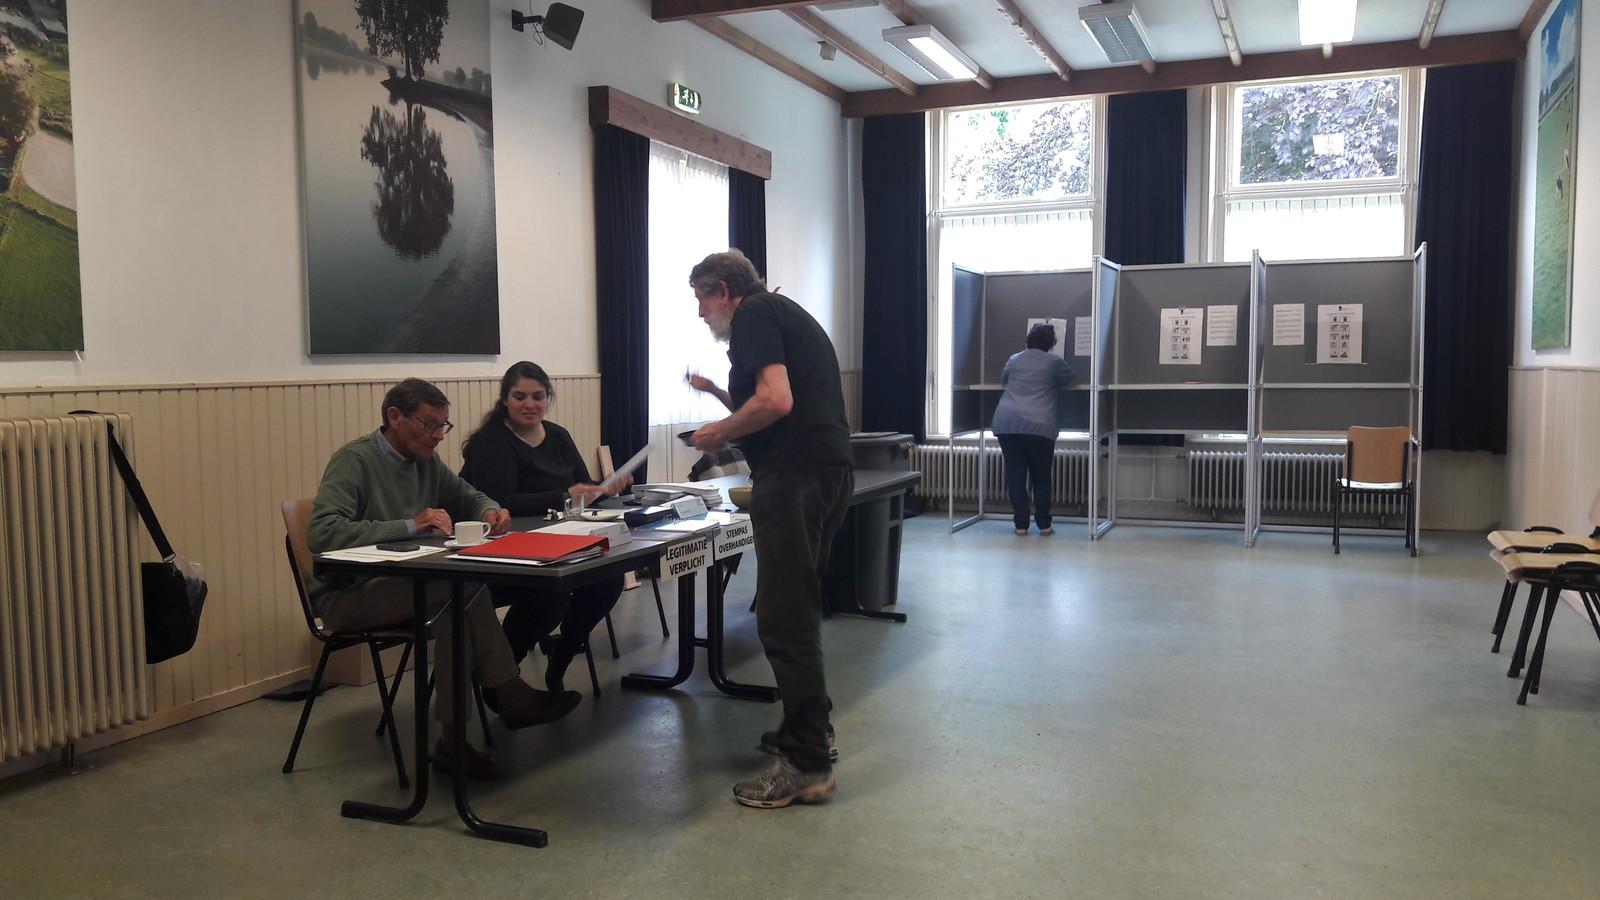 Stemmen in Dorpshuis Herpt. In het stemhokje brengt Ofra Harting haar stem uit.